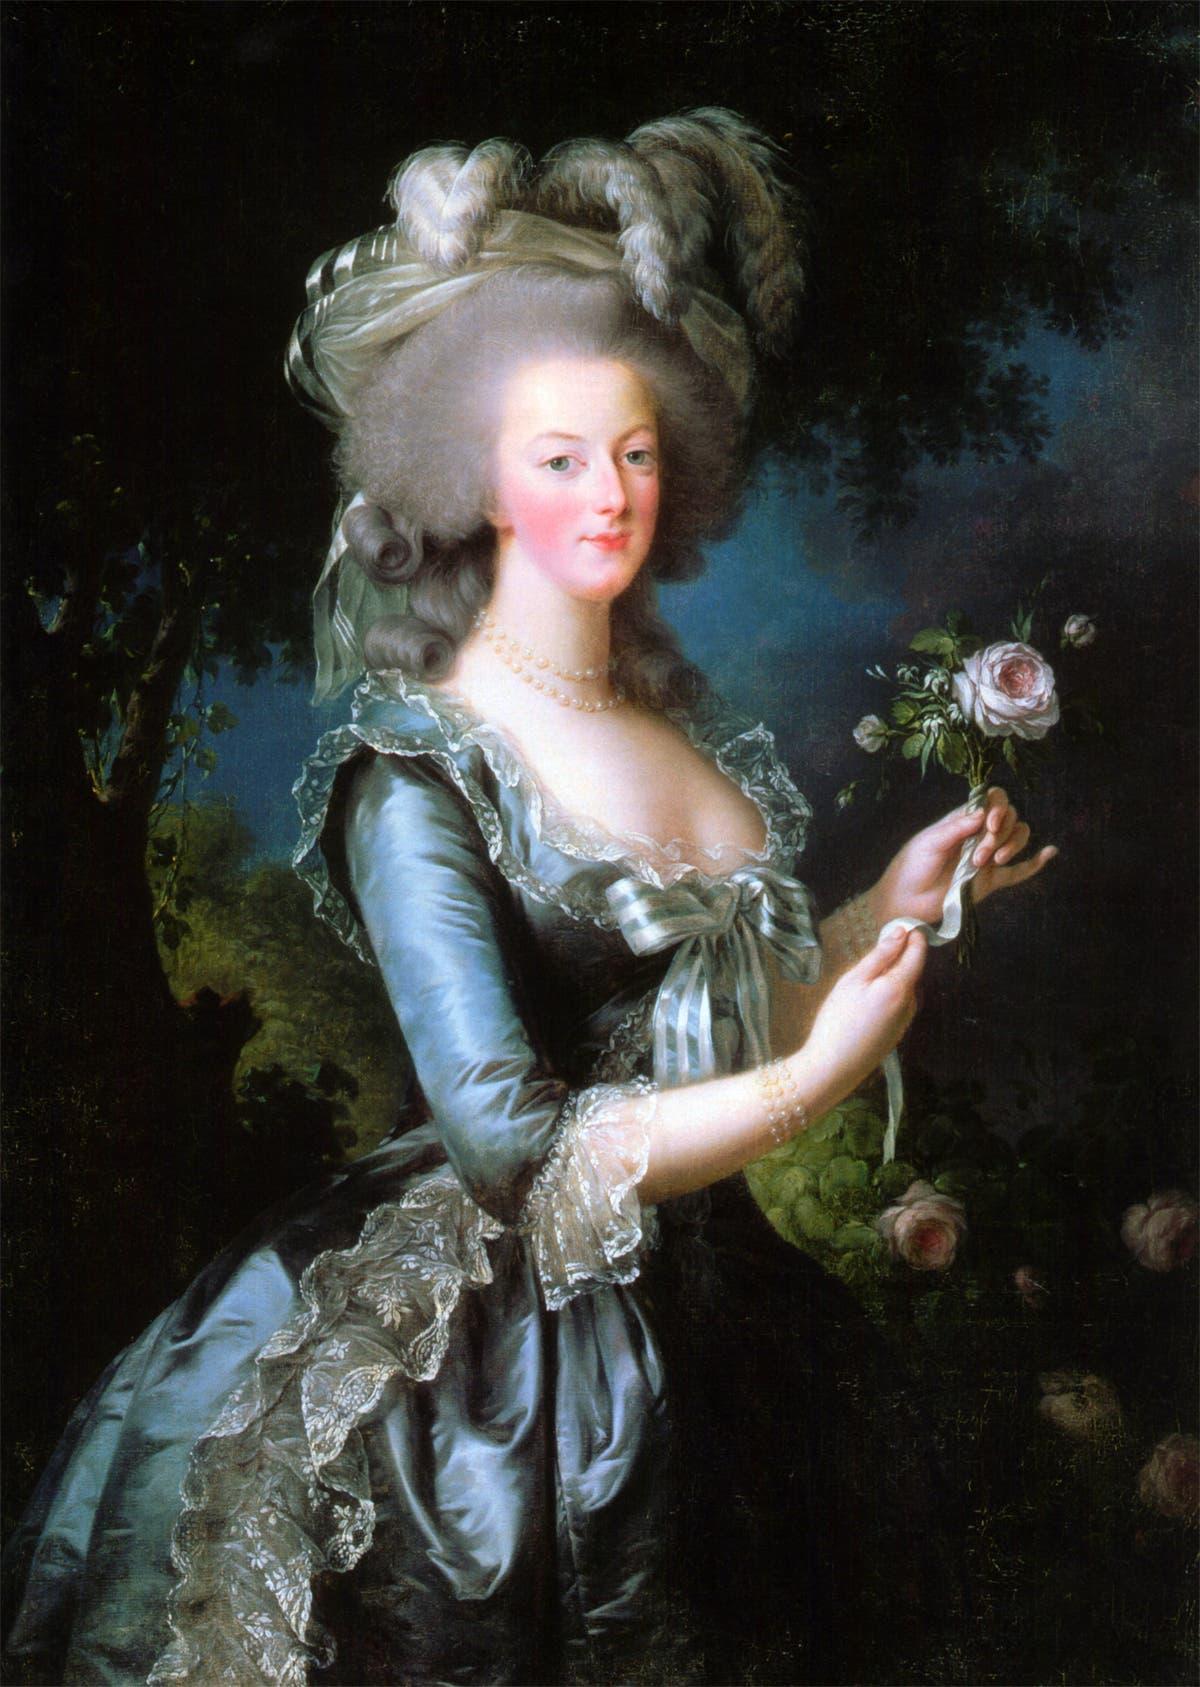 لوحة تجسد الملكة الفرنسية ماري أنطوانيت